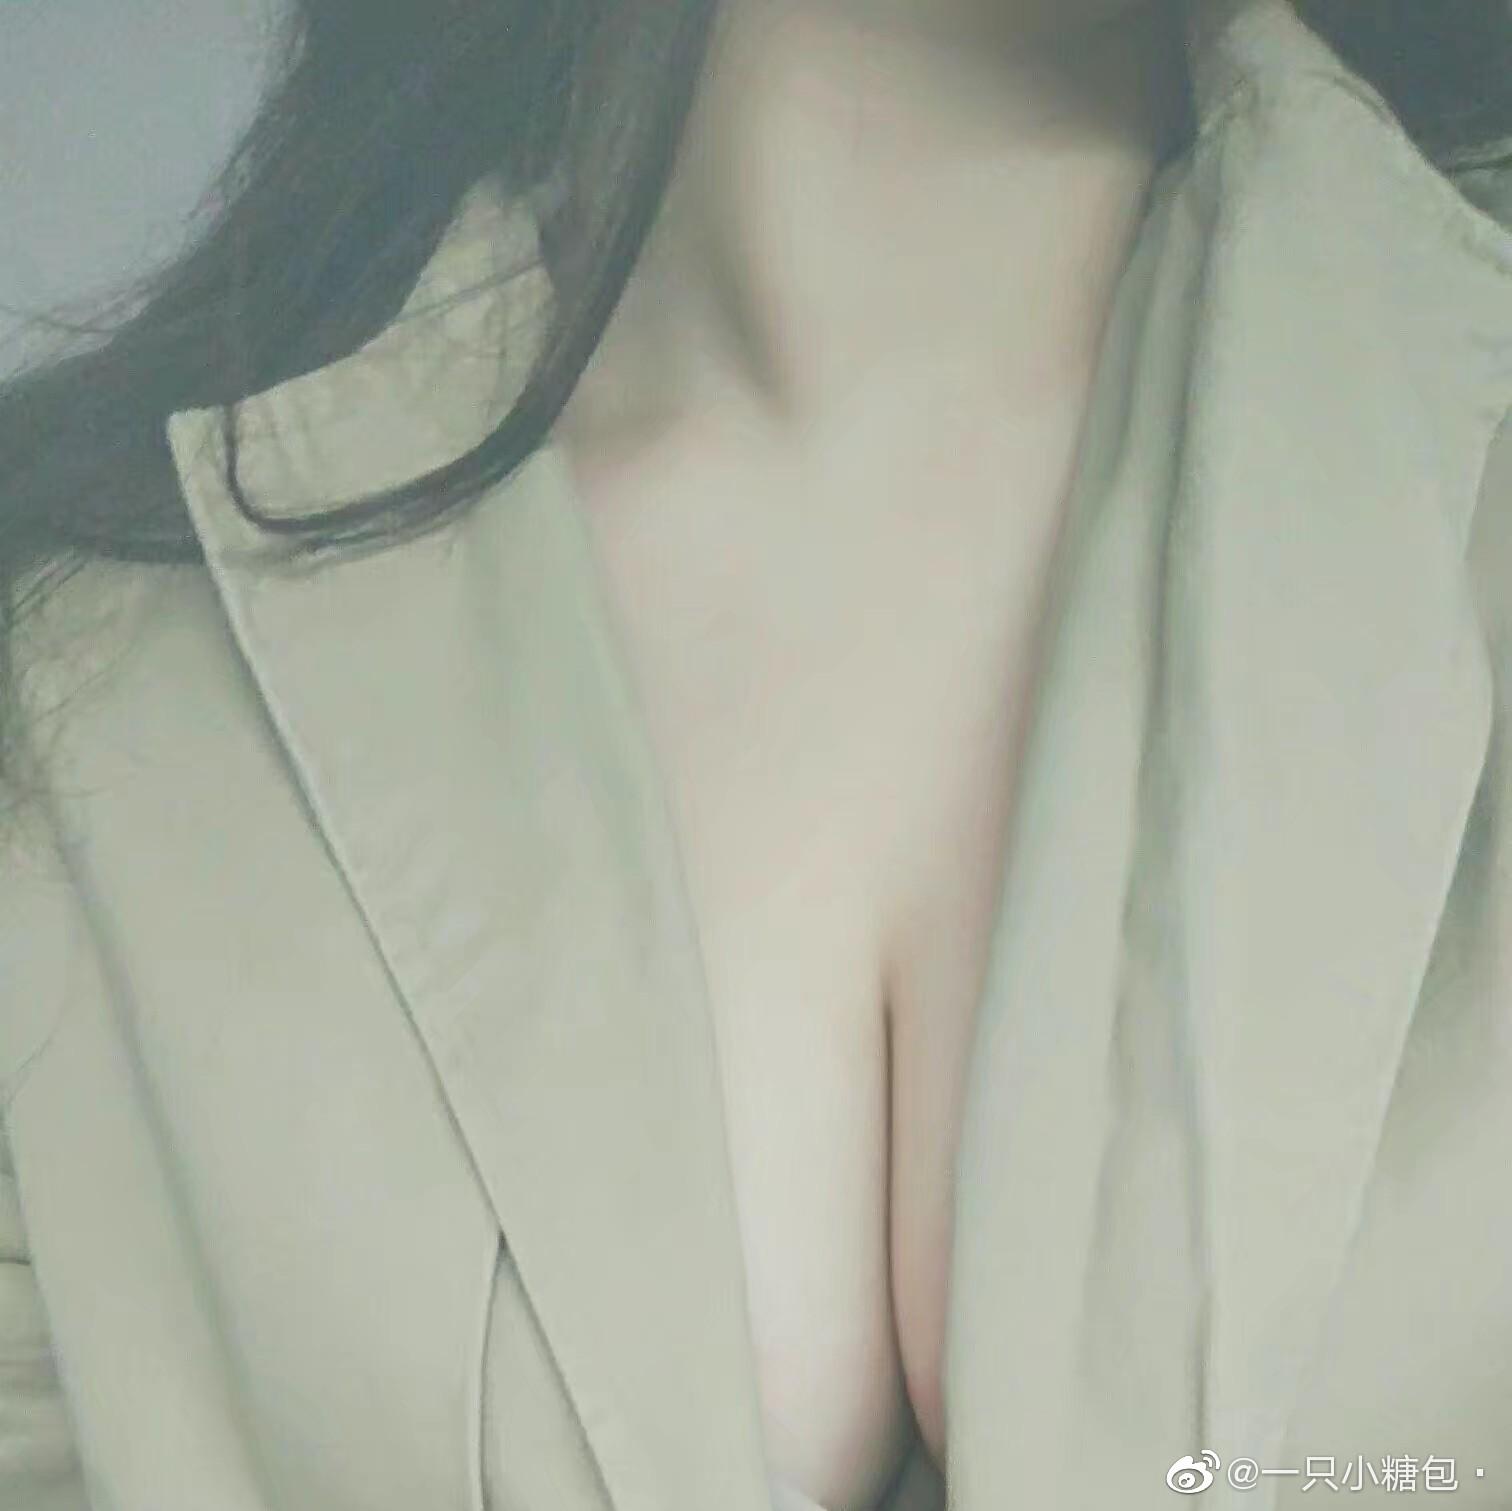 微博网友发起的晒图活动:想看36C胸部和年度肉感评选